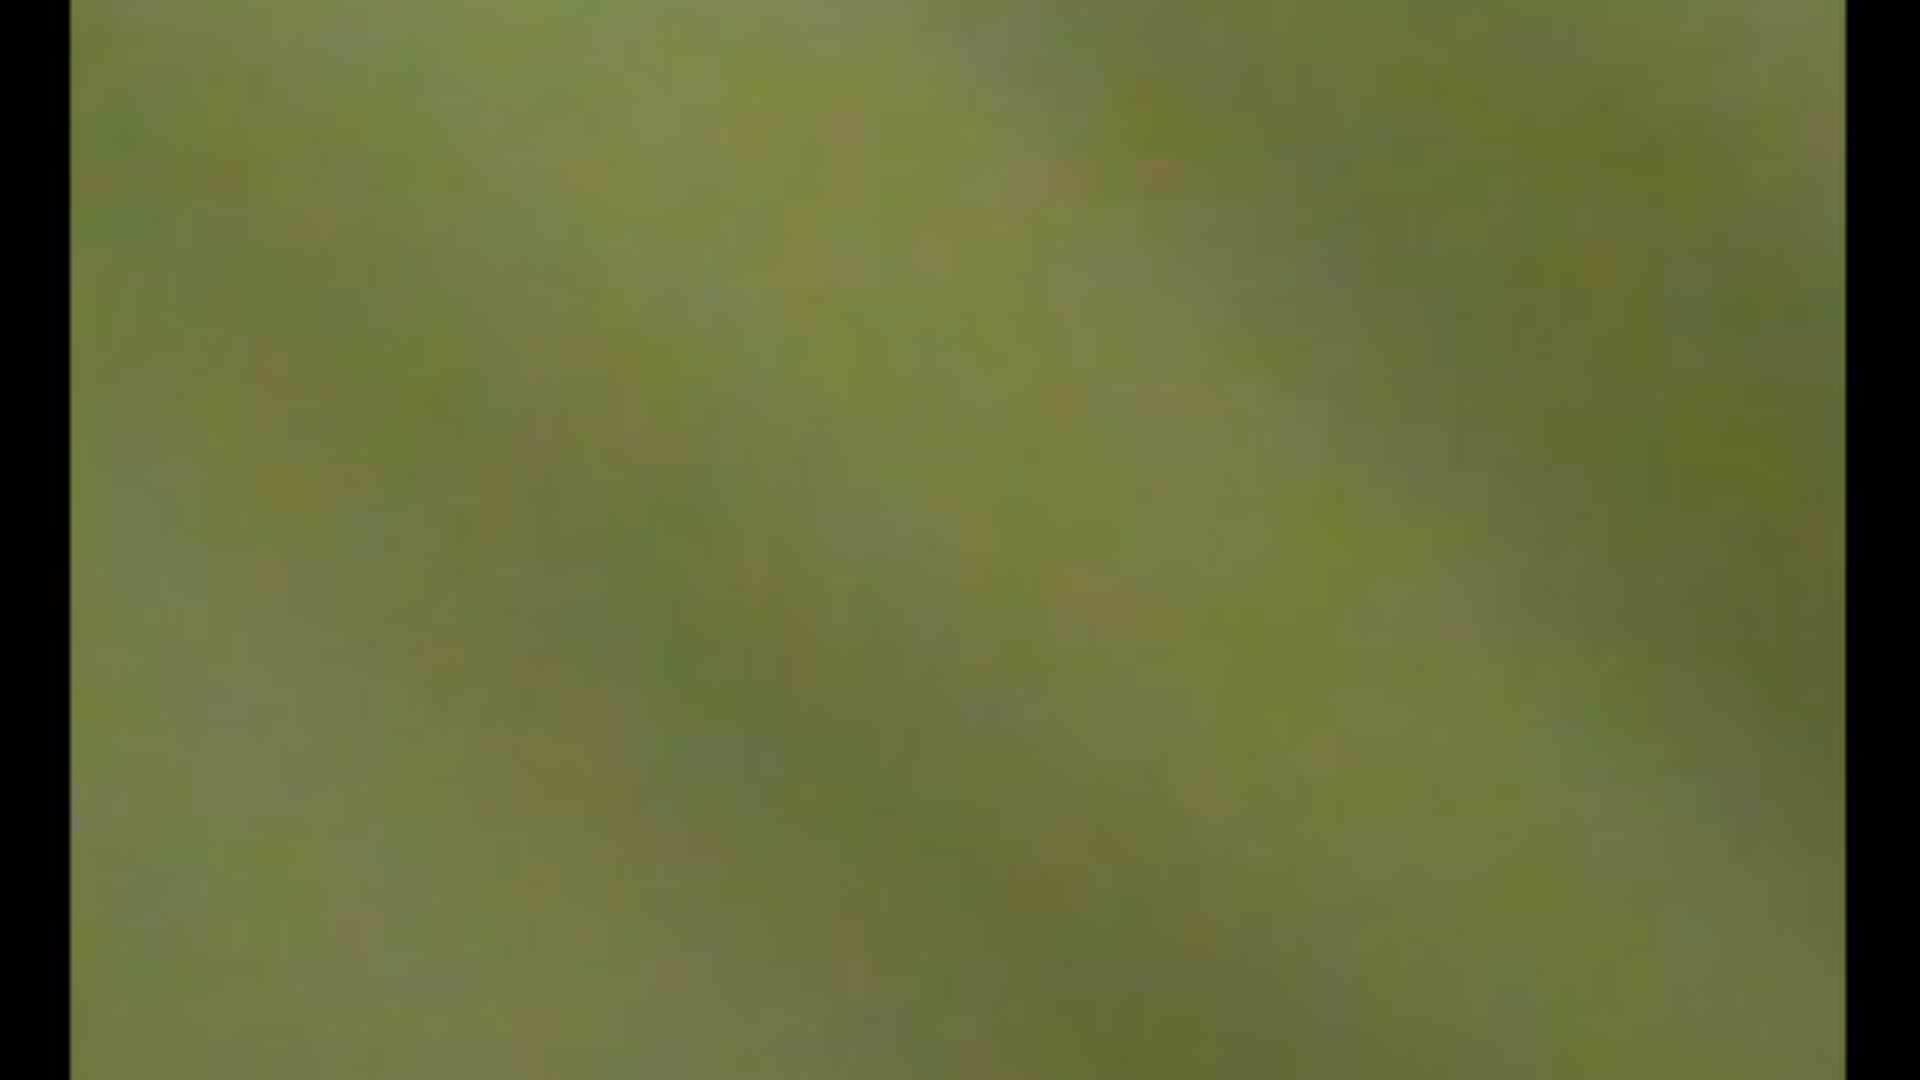 イケメンの素顔in洗面所 Vol.15 イケメンのsex | 男天国  52pic 19